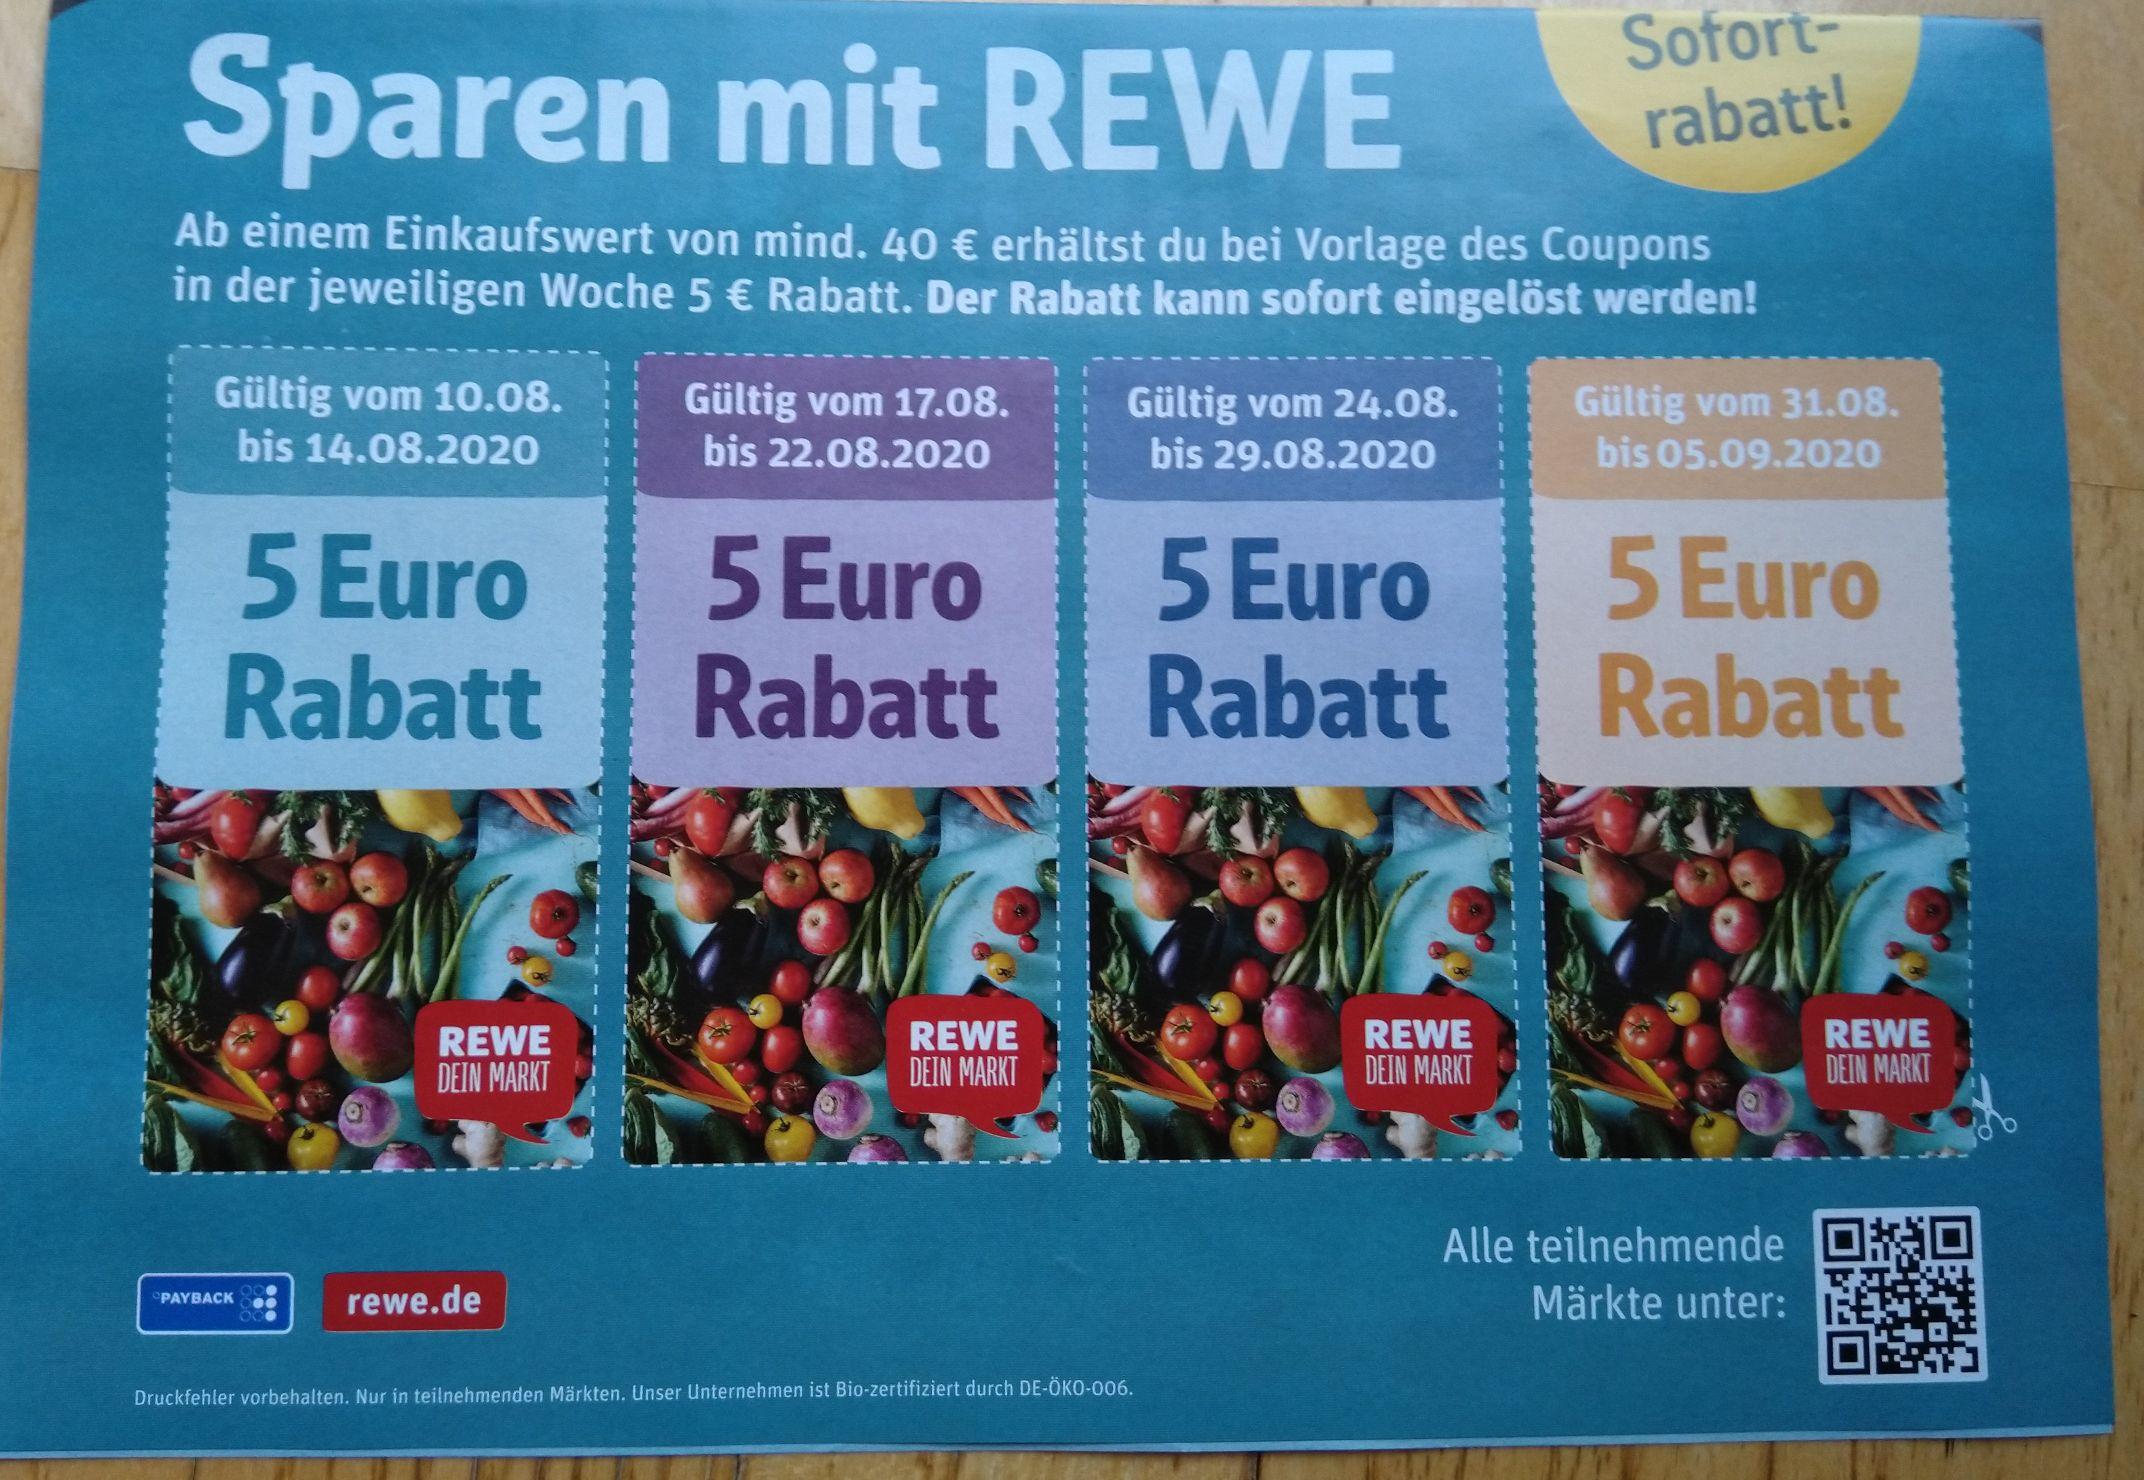 [Offline] Lokal - Rewe Gutschein 5€ für 40€ Einkauf - Nur in teilnehmenden Märkten